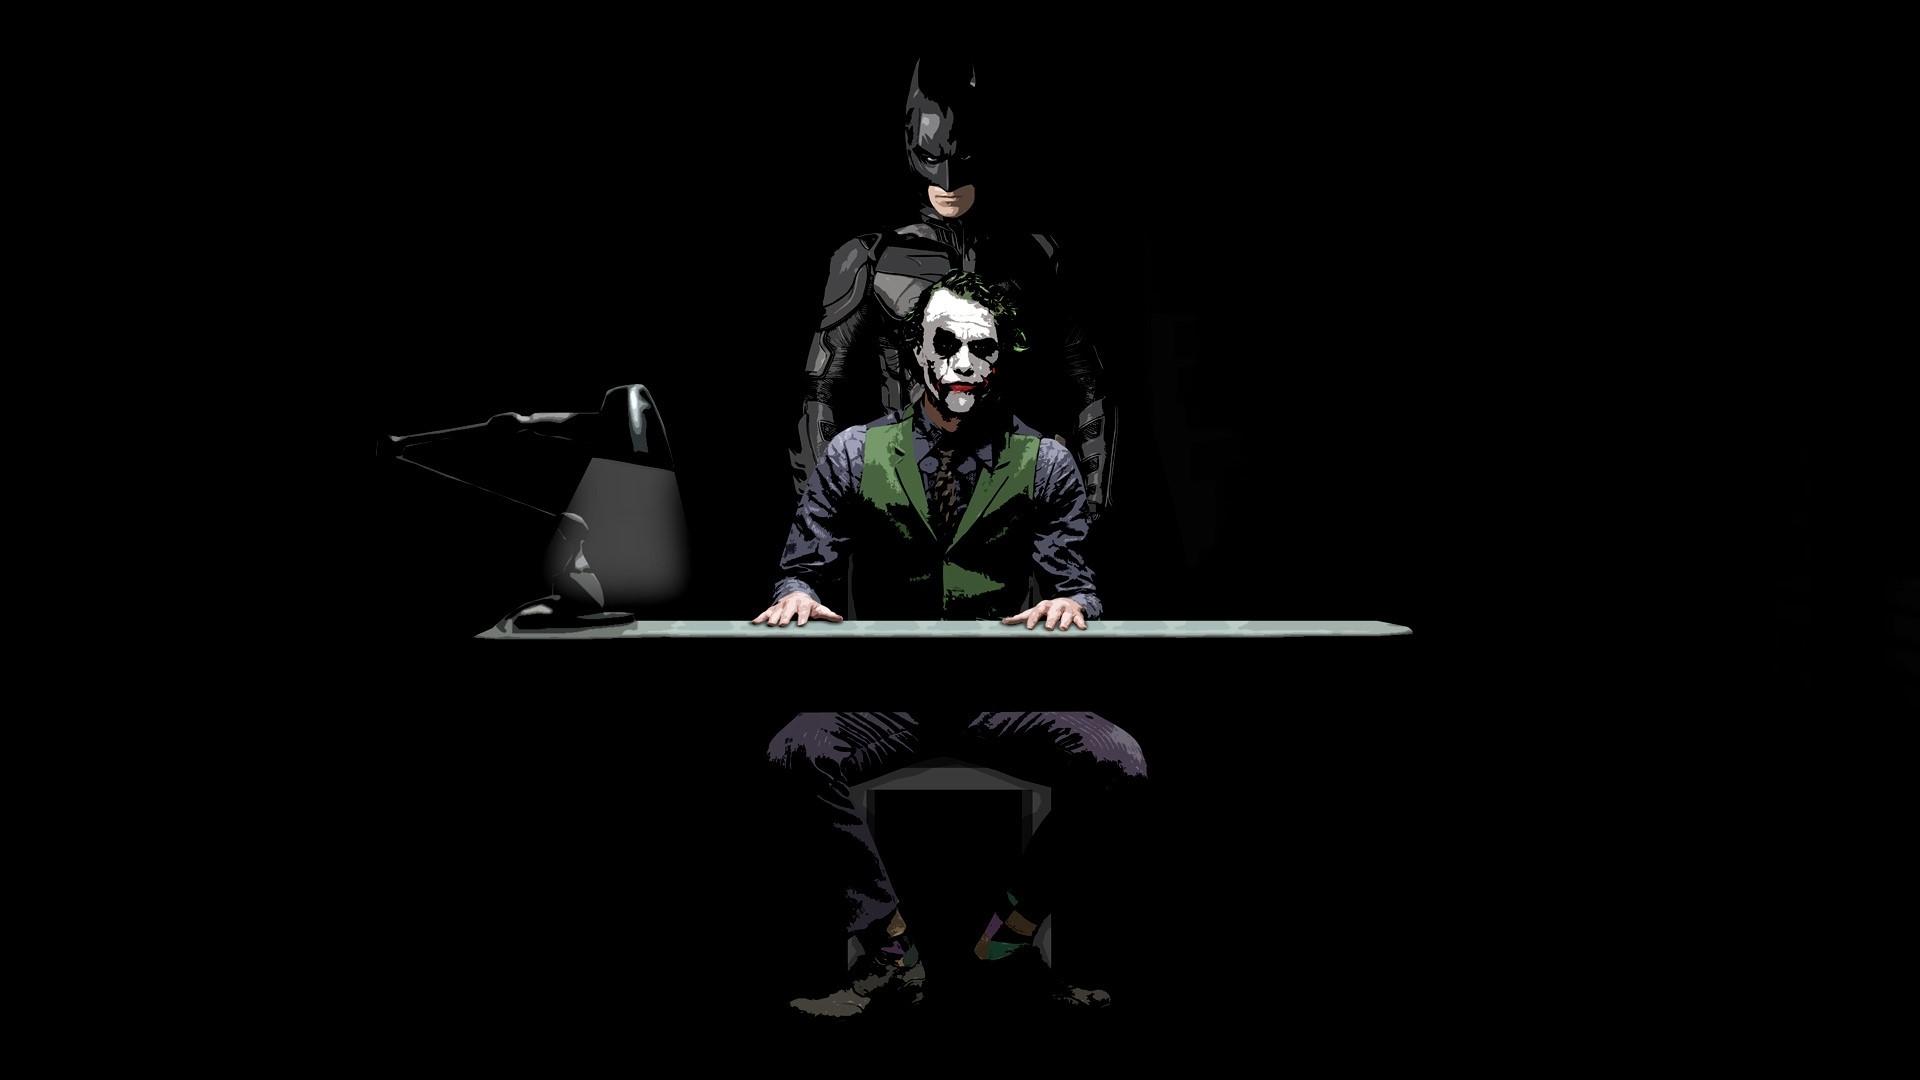 Joker 8k fotoları